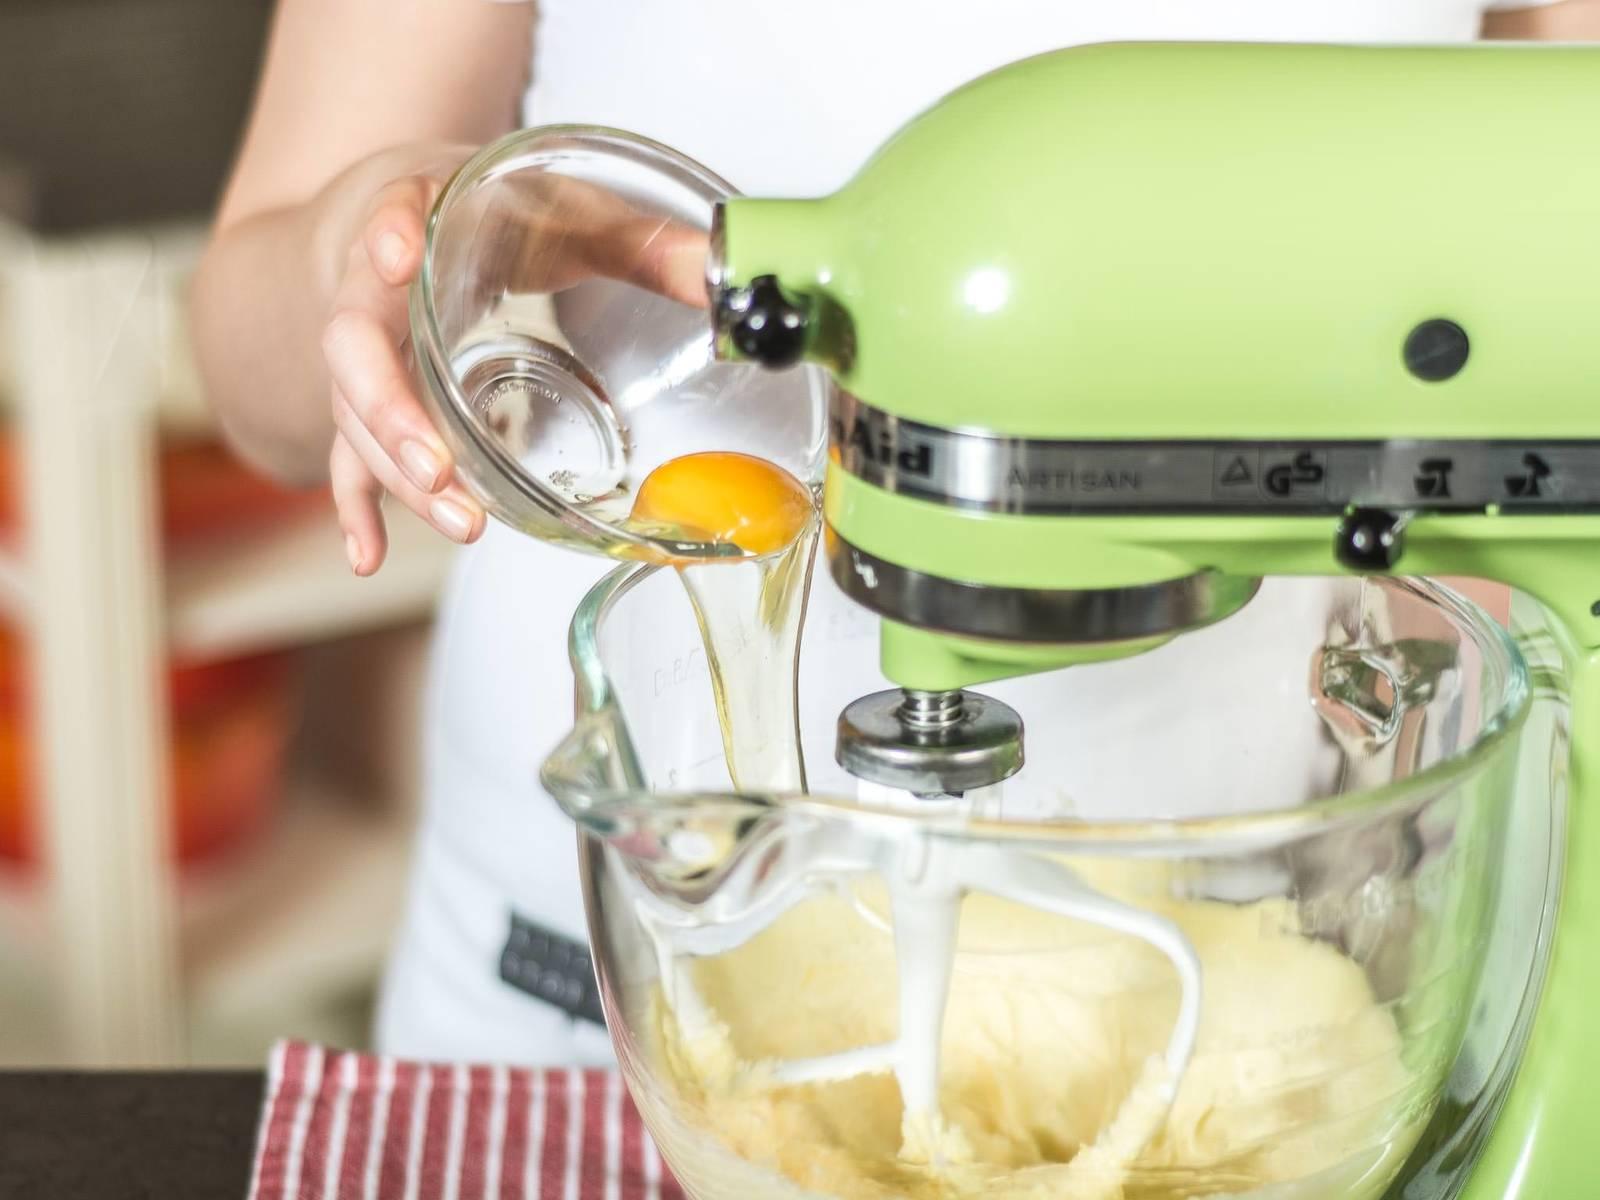 逐一加入两个鸡蛋,继续搅拌均匀。